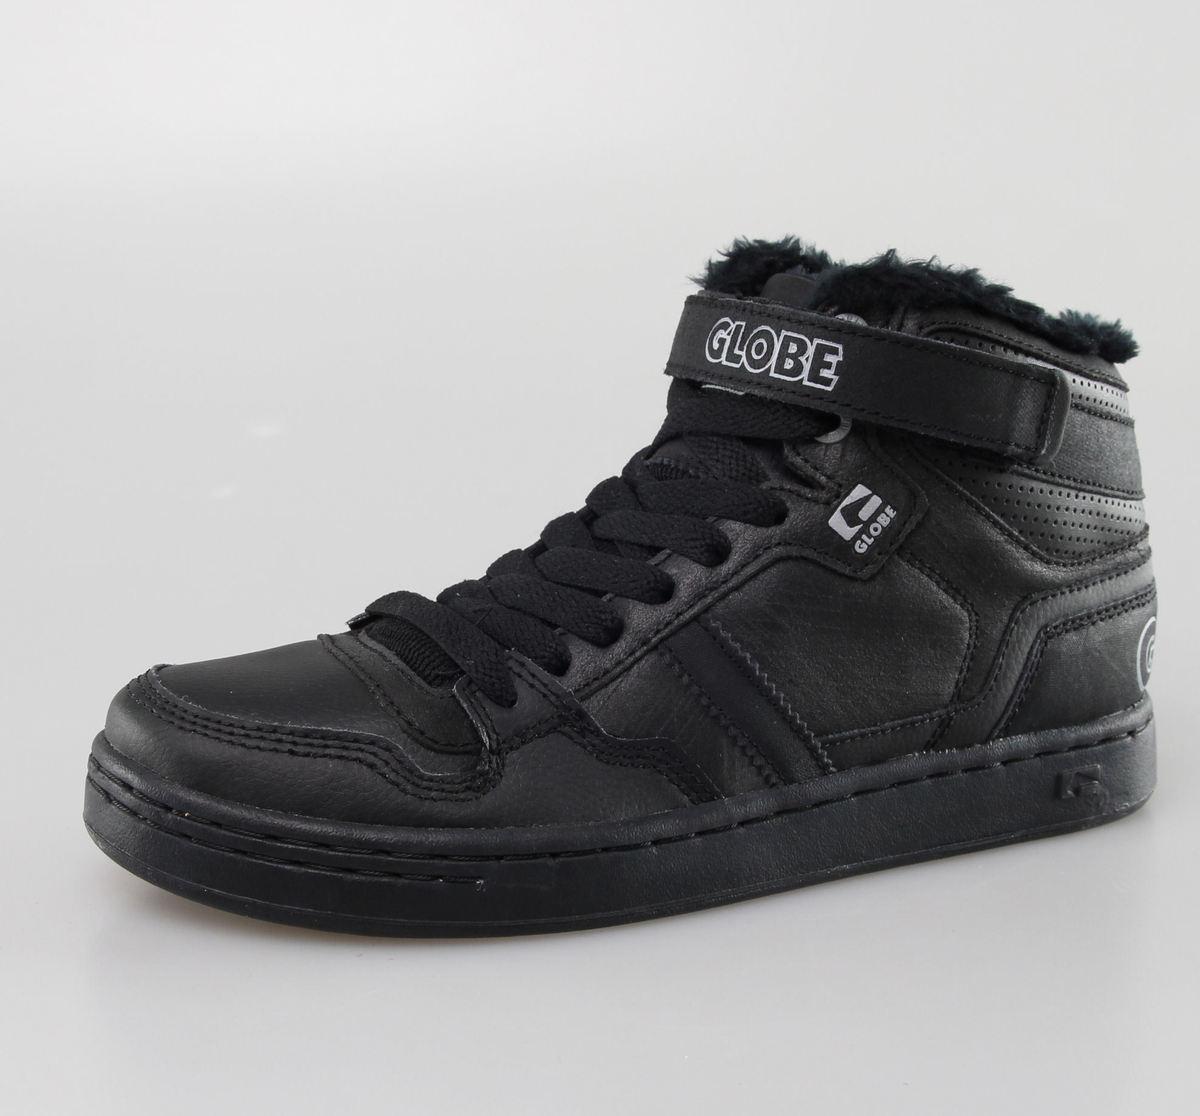 boty pánské zimní GLOBE - Superfly - Black Distressed Fur